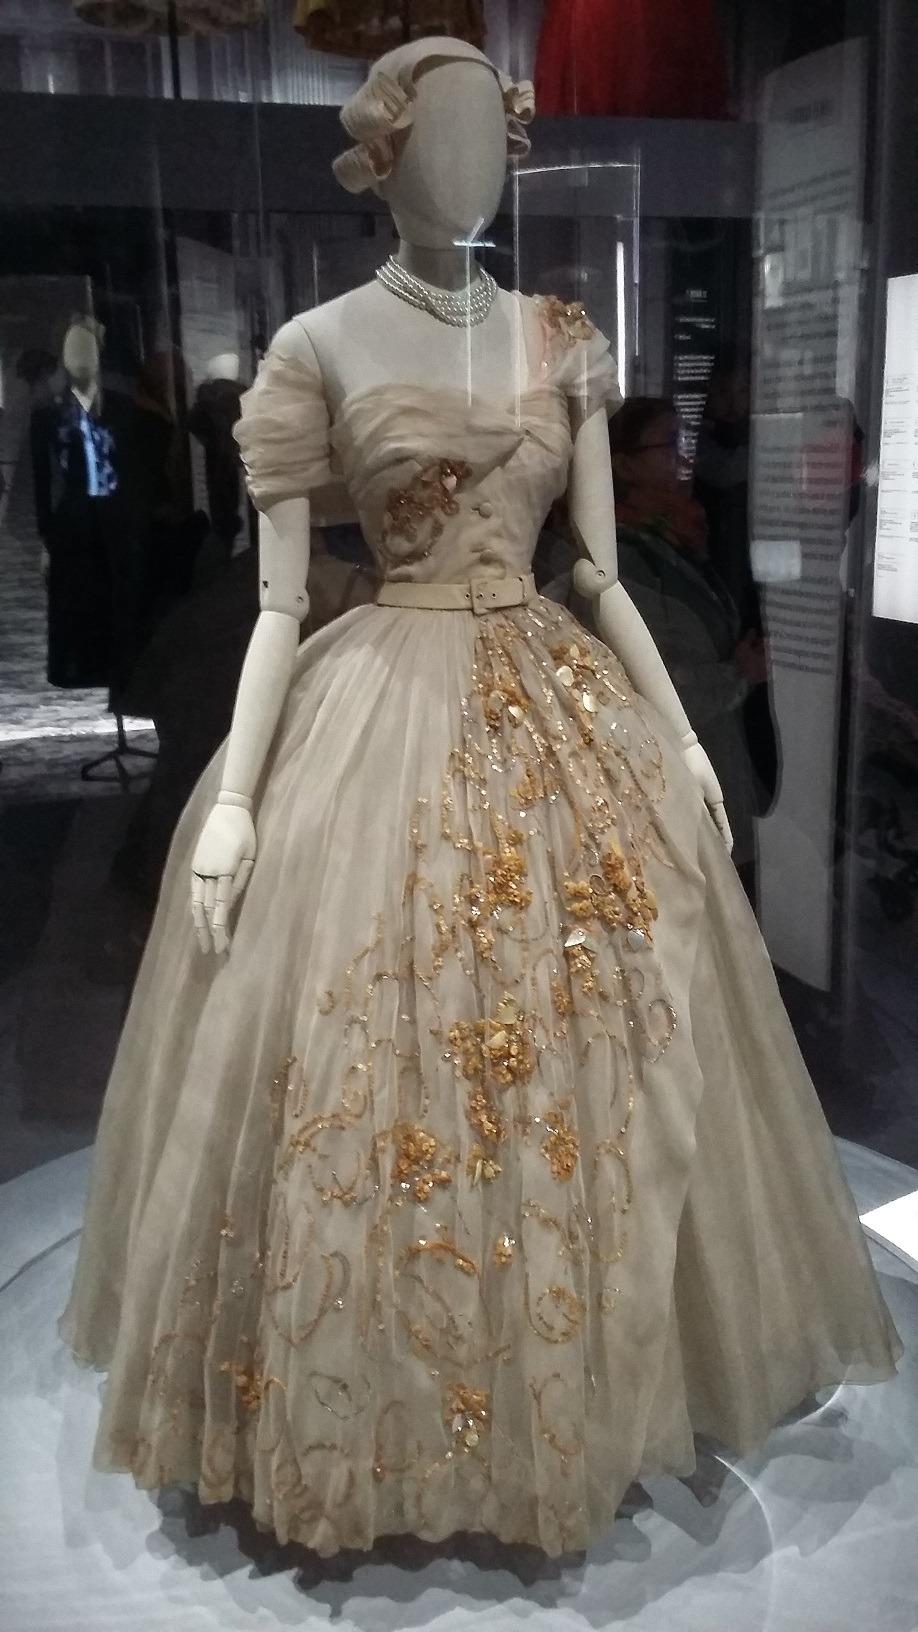 Dior ball dress